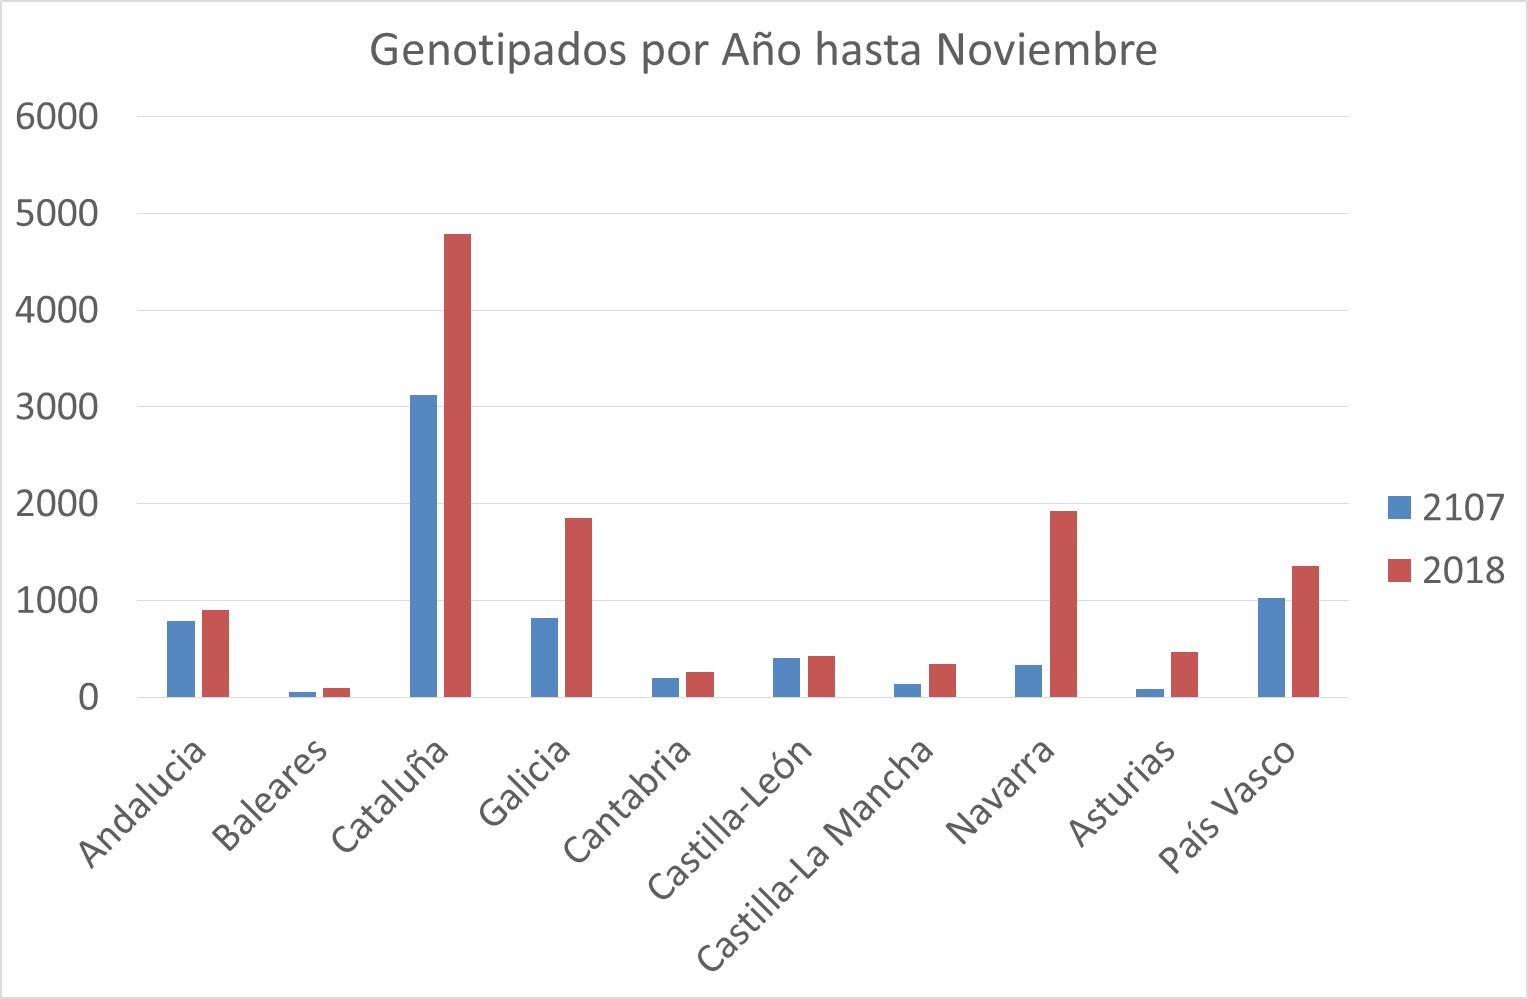 CONAFE_XENOTIPADO_1